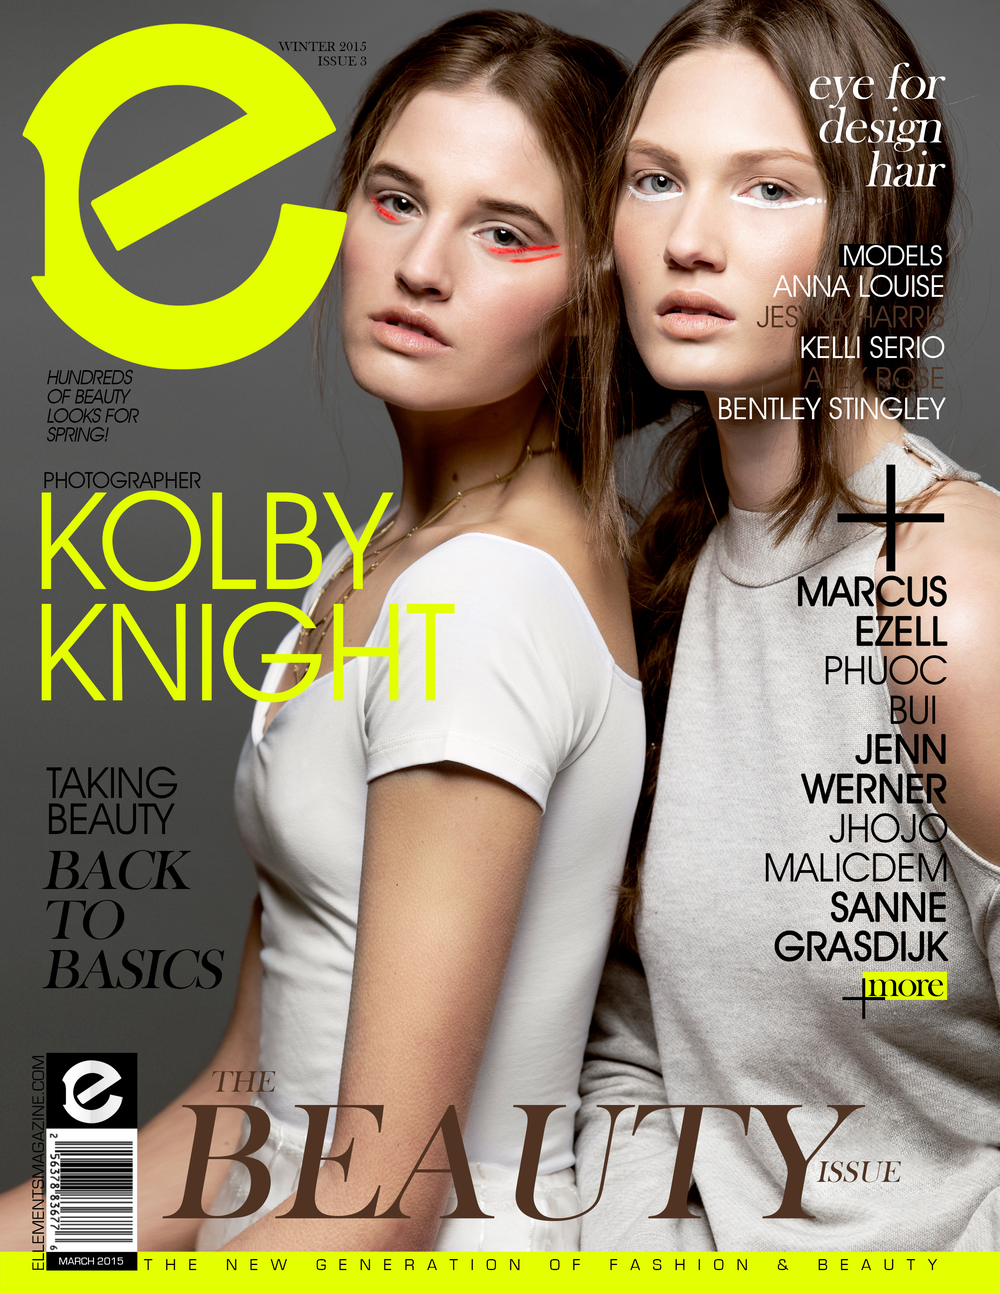 Ellements Magazine, March 2015